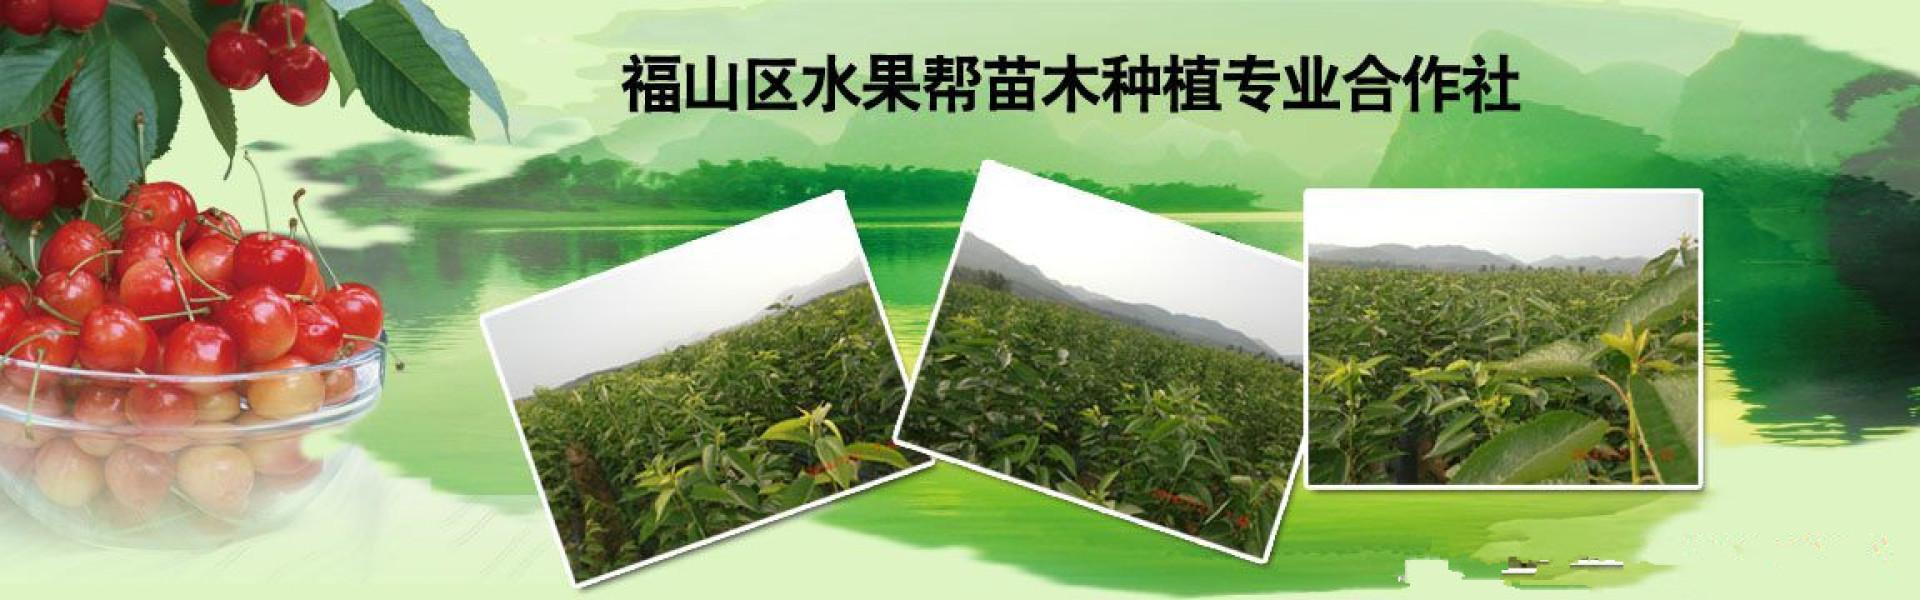 烟台香港赛马会官网备用苗批发|烟台香港赛马会官网备用苗供应